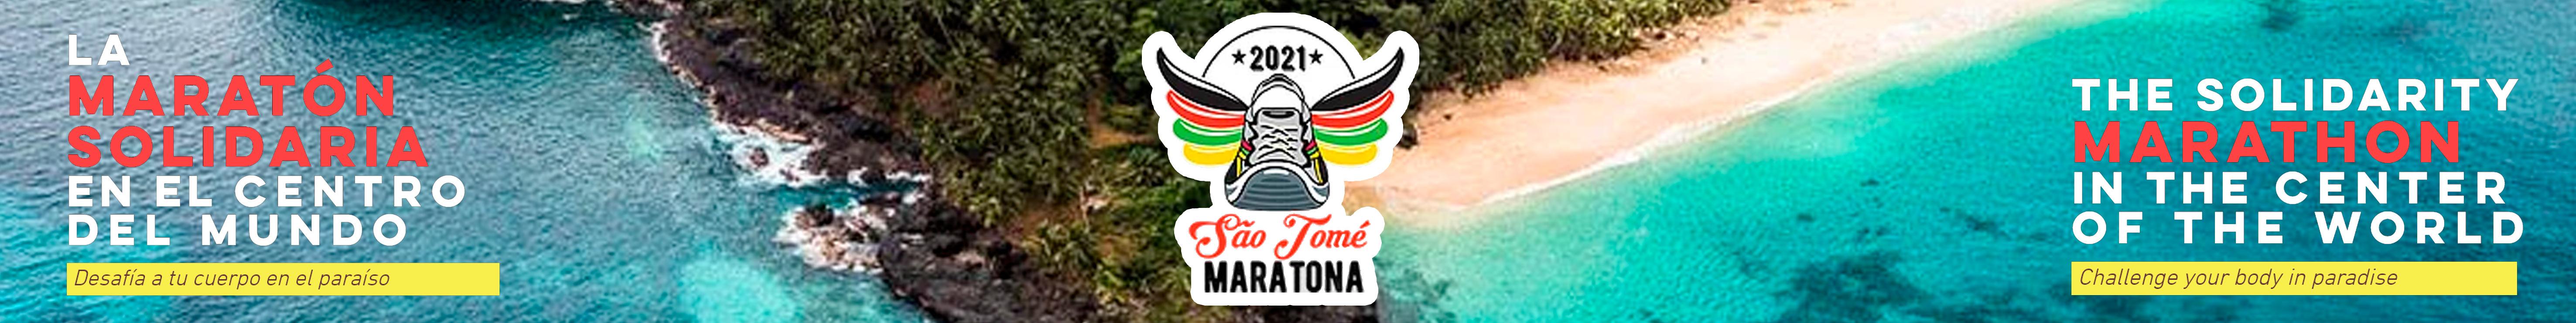 SAO TOME MARATONA 2021